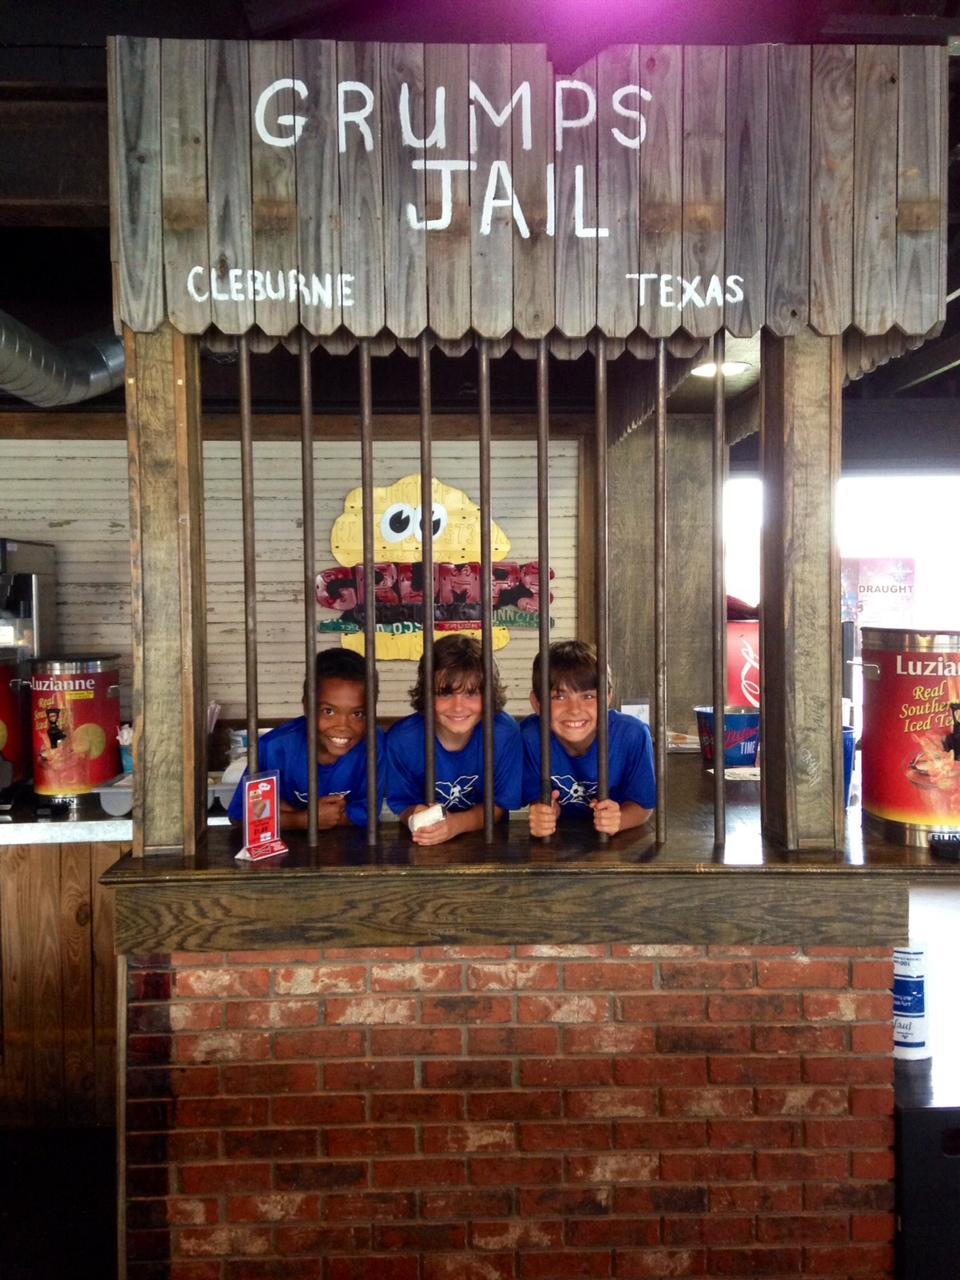 Grumps Jail